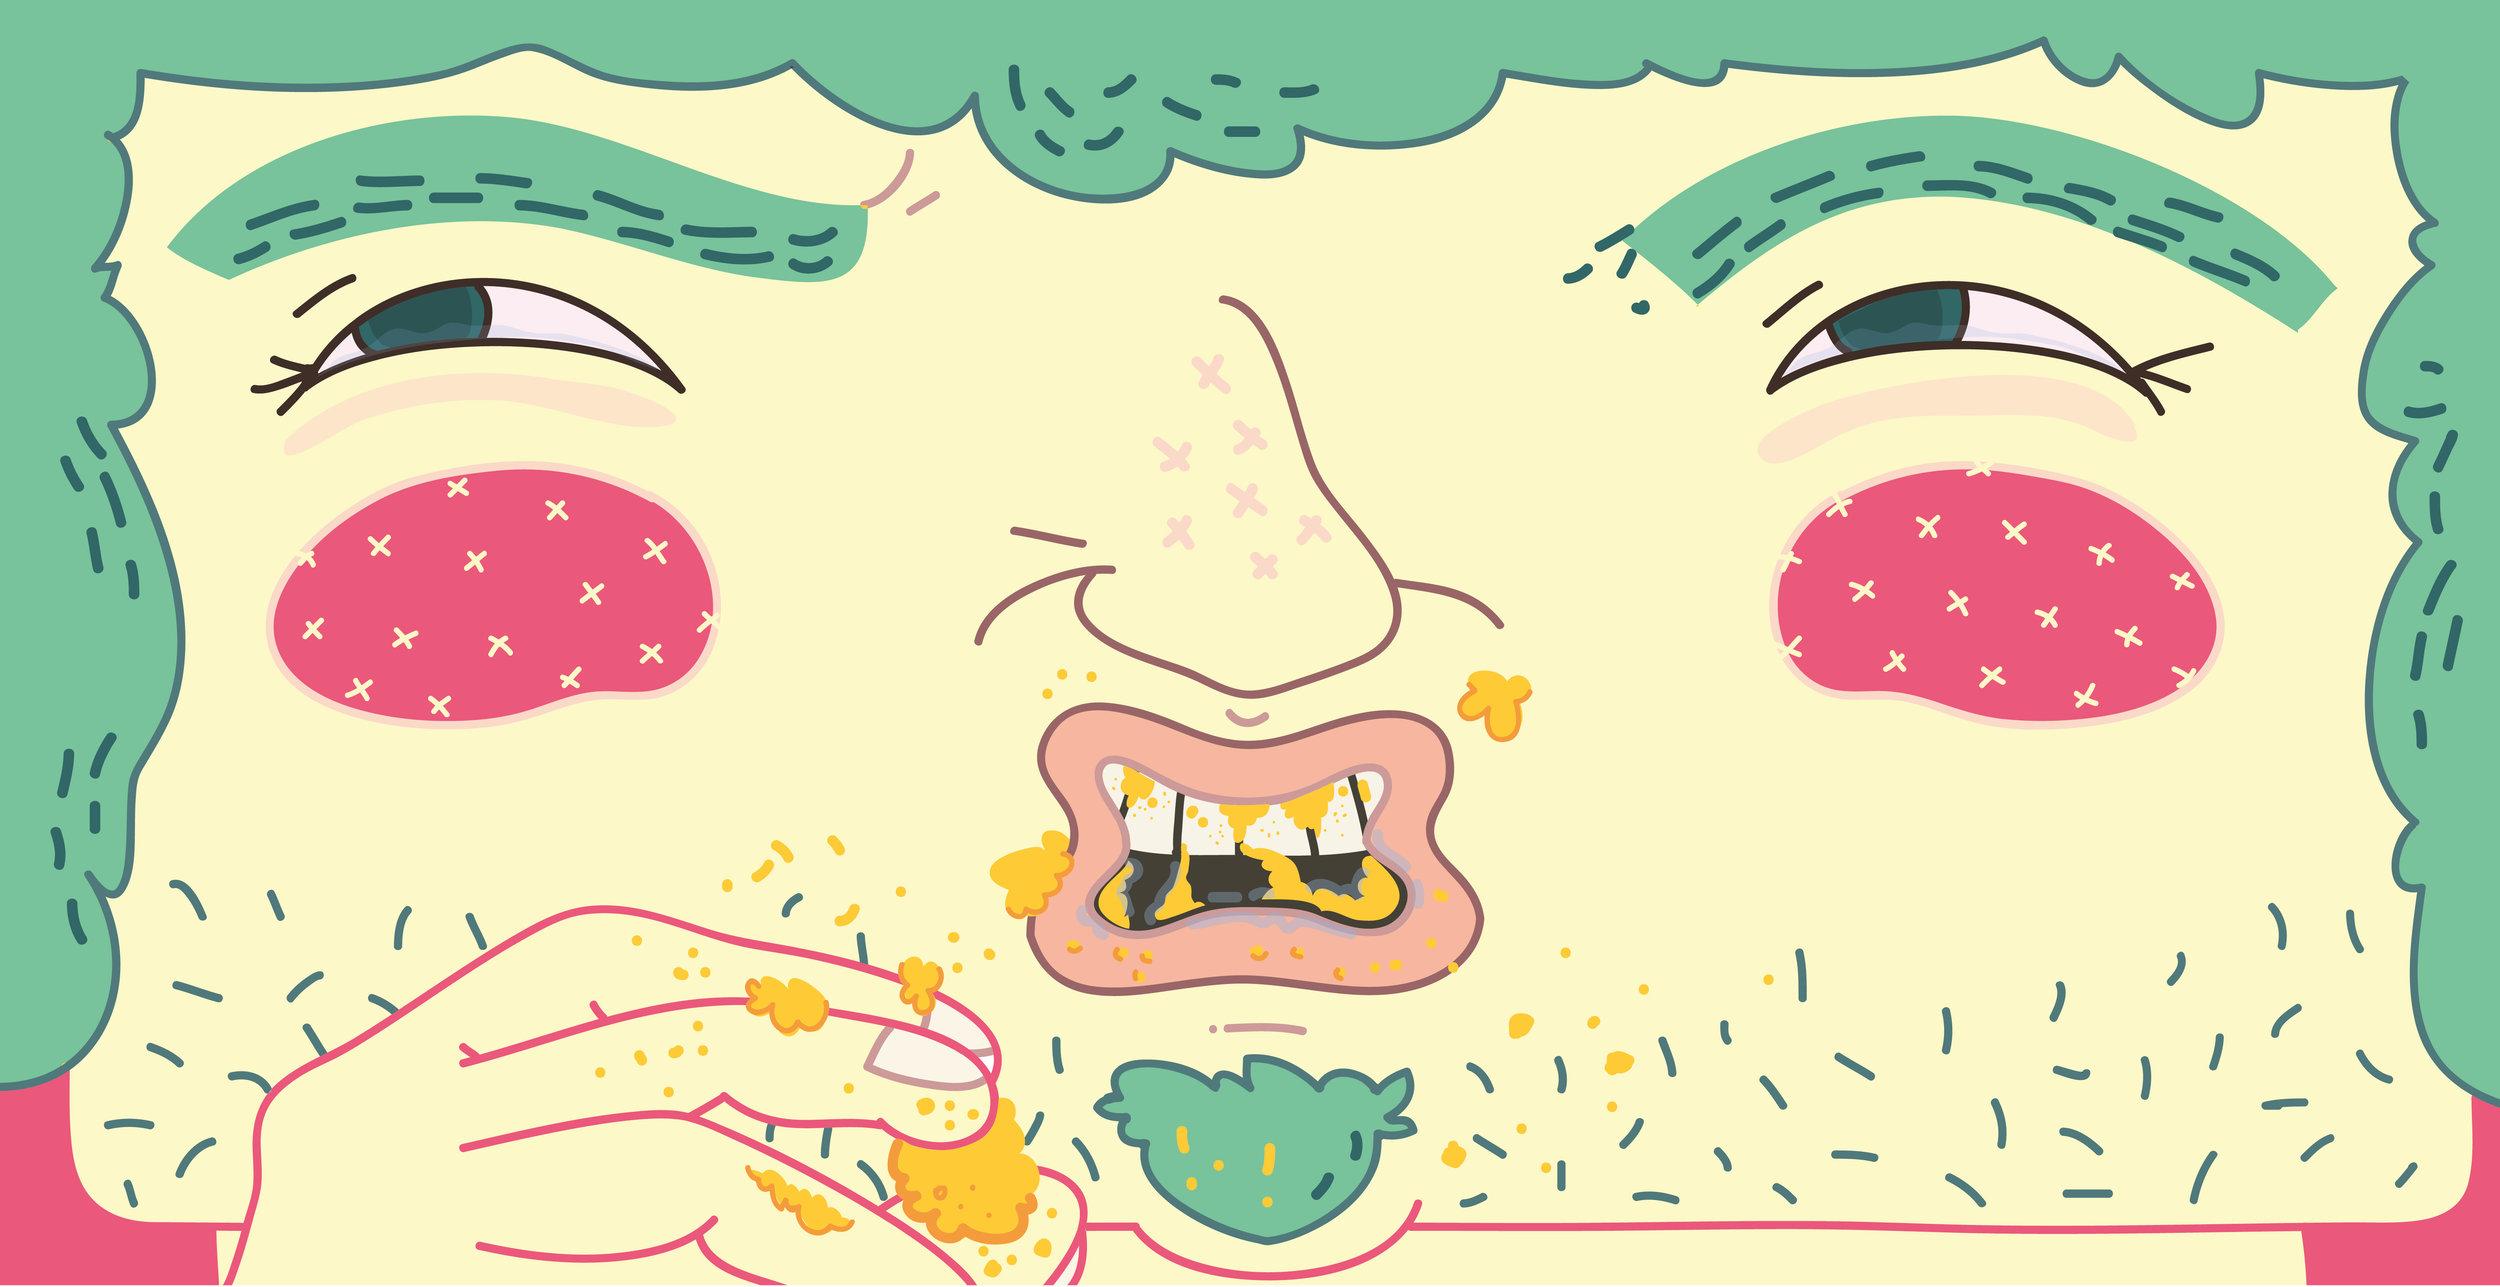 stoner-05.jpg